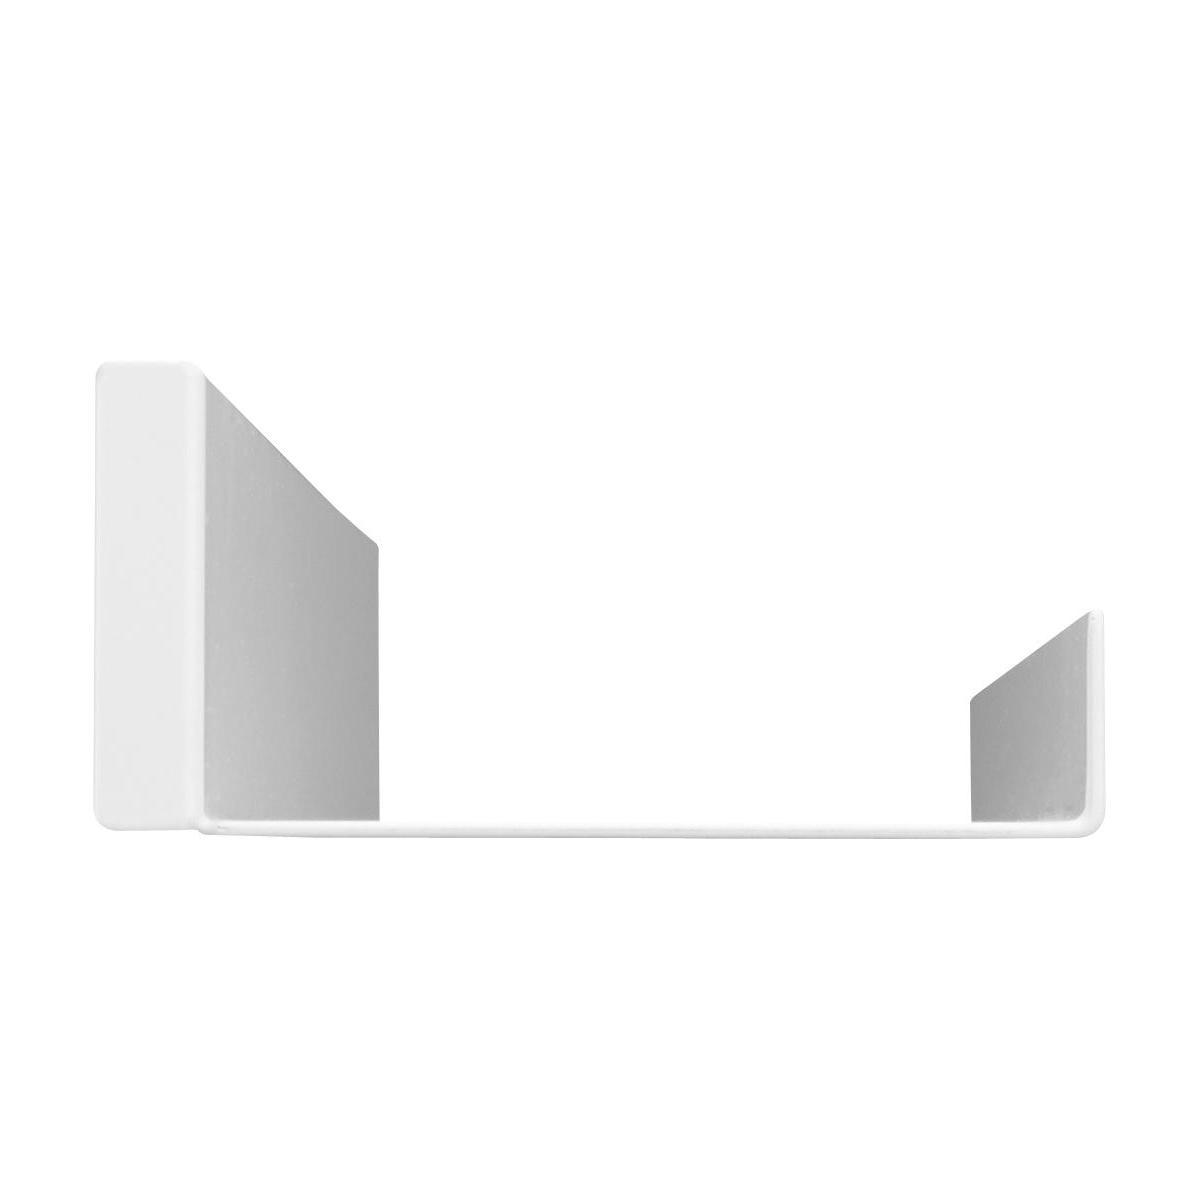 Full Size of Kleines Regal Weiß Malin Aus Metall Wohnzimmer Vitrine Naturholz Bett 90x200 Mit Schubladen Designer Regale Badezimmer Kinderzimmer Wildeiche Günstig Dvd Regal Kleines Regal Weiß